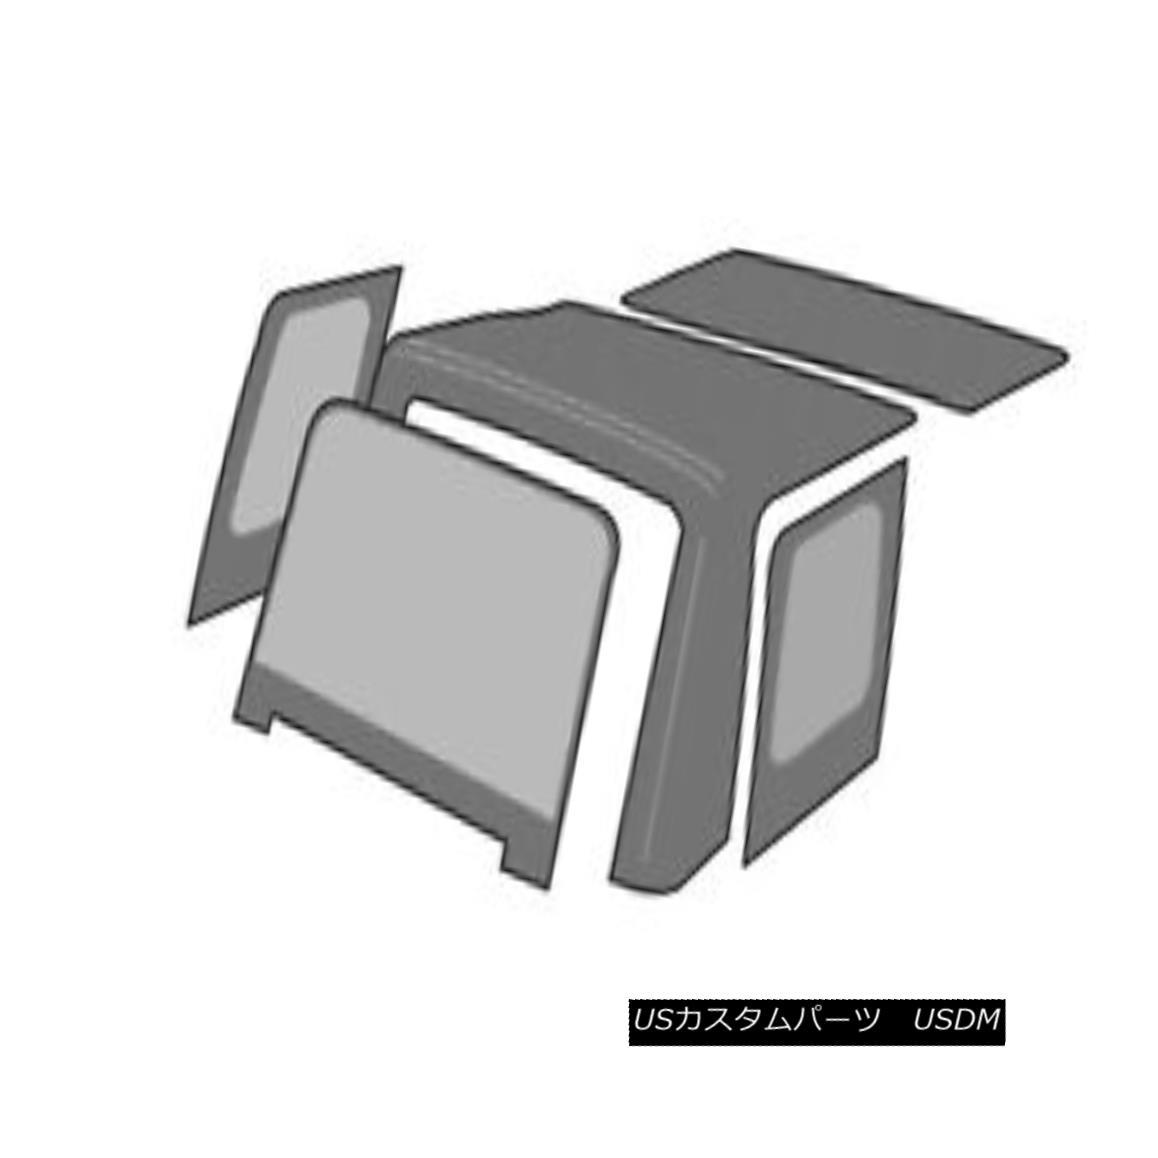 幌・ソフトトップ Rampage 99335 Factory Replacement Soft Top Fits 97-06 Wrangler (TJ) Rampage 99335工場交換ソフトトップフィット97-06 Wrangler(TJ)